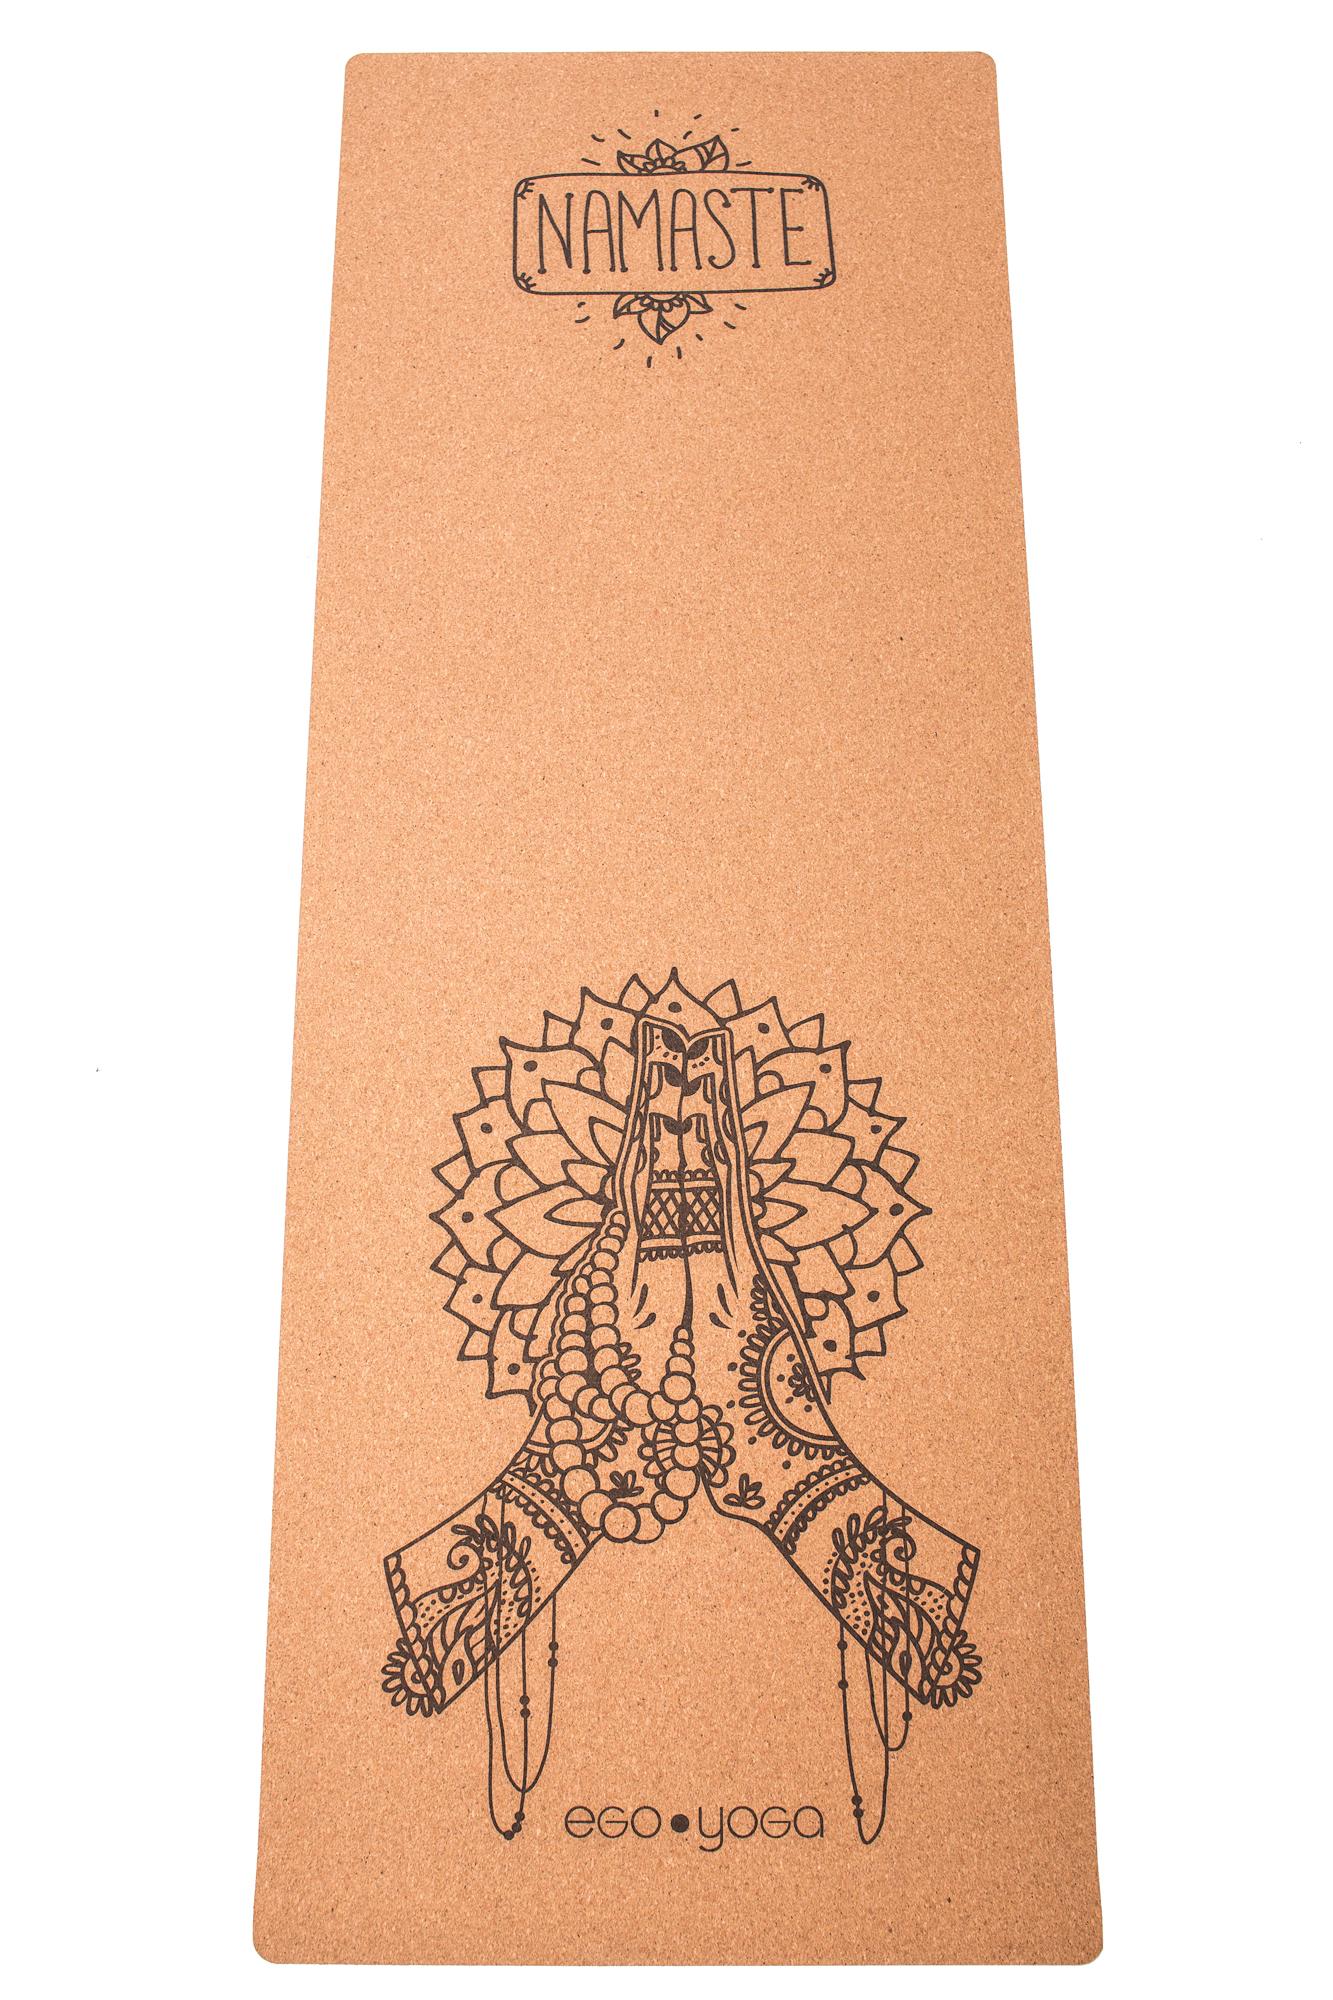 Коврик йоги Namaste EGOyoga и каучука (2.7 кг, 185 см, 4 мм, бежевый, 66см)